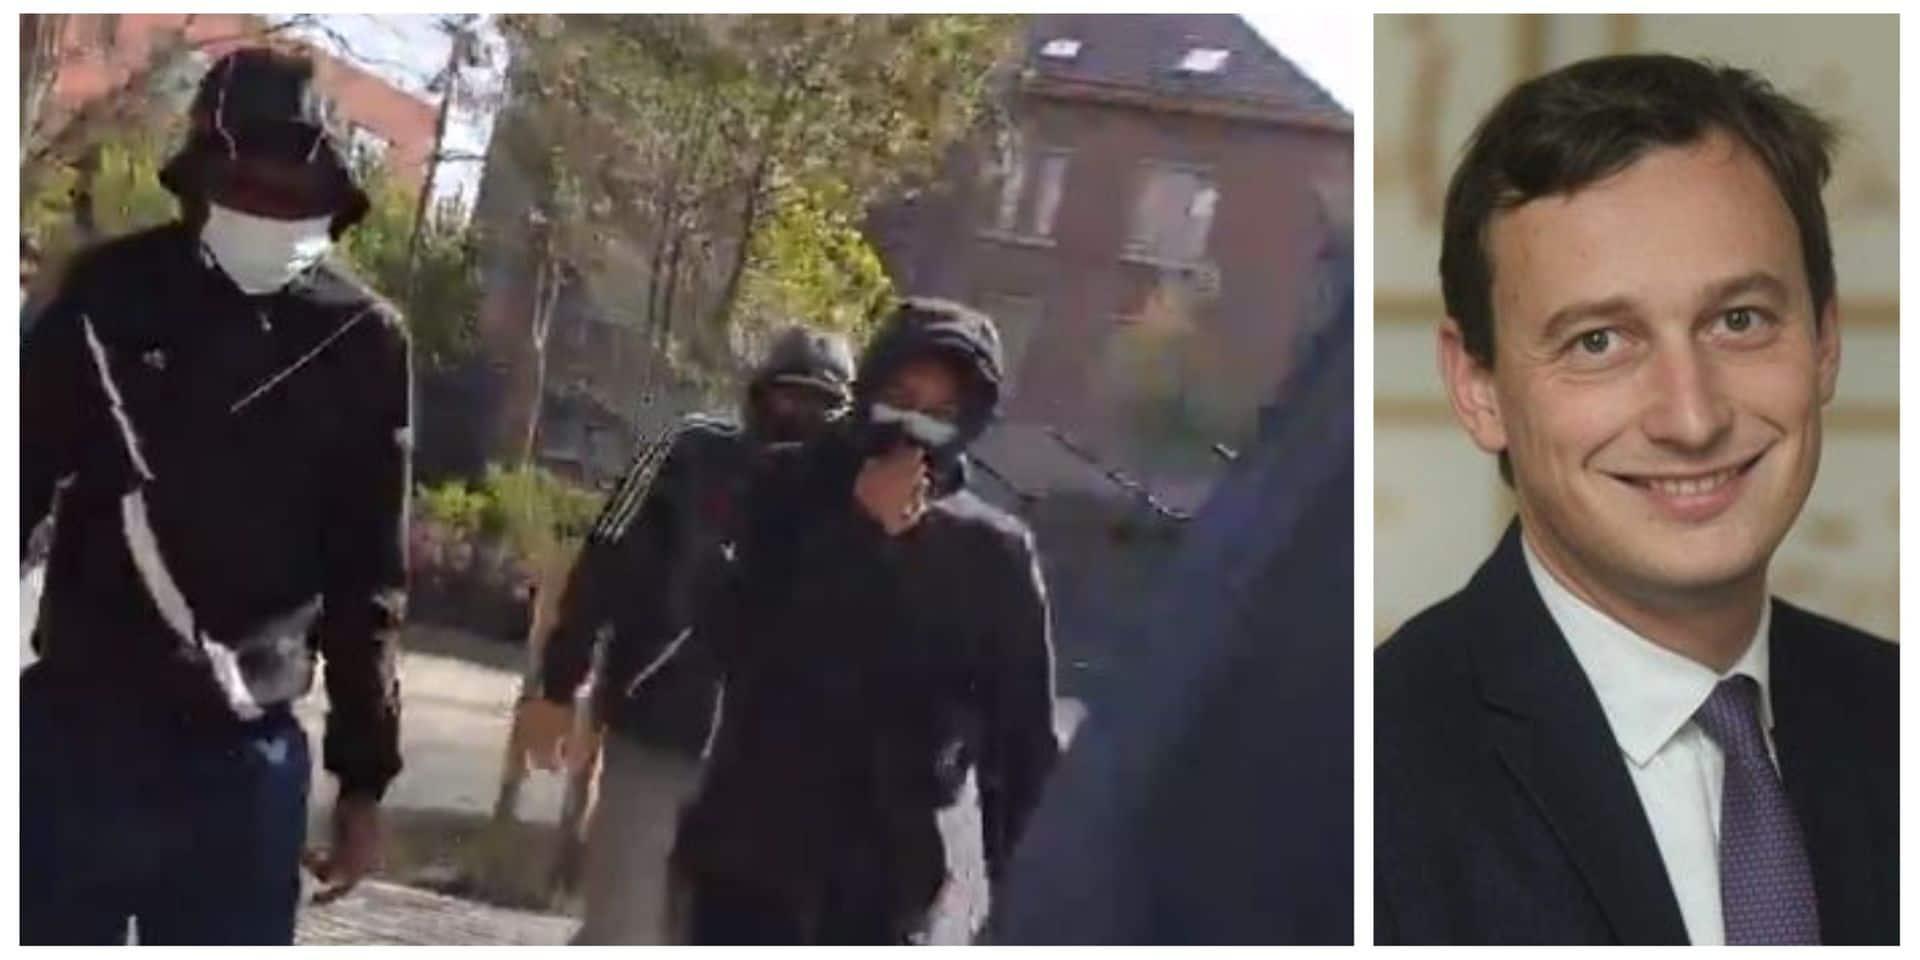 """Mathias Vanden Borre, le député N-VA agressé dans le quartier Esseghem à Bruxelles : """"J'ai filmé pour me défendre, pour avoir un témoignage"""""""